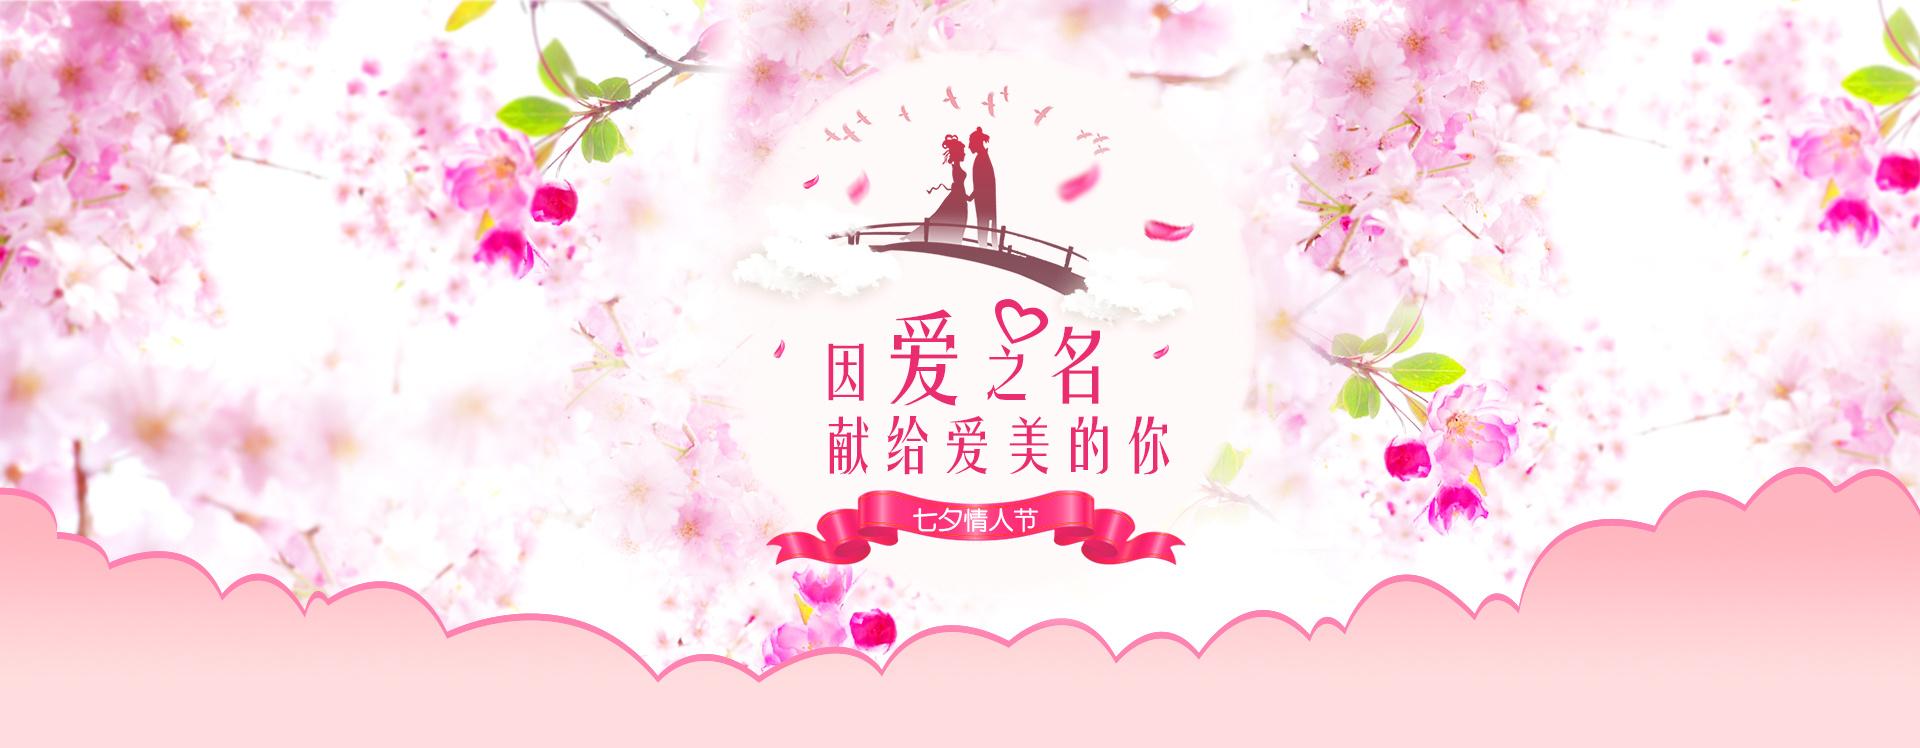 ps视频教程:七夕节主题海报制作